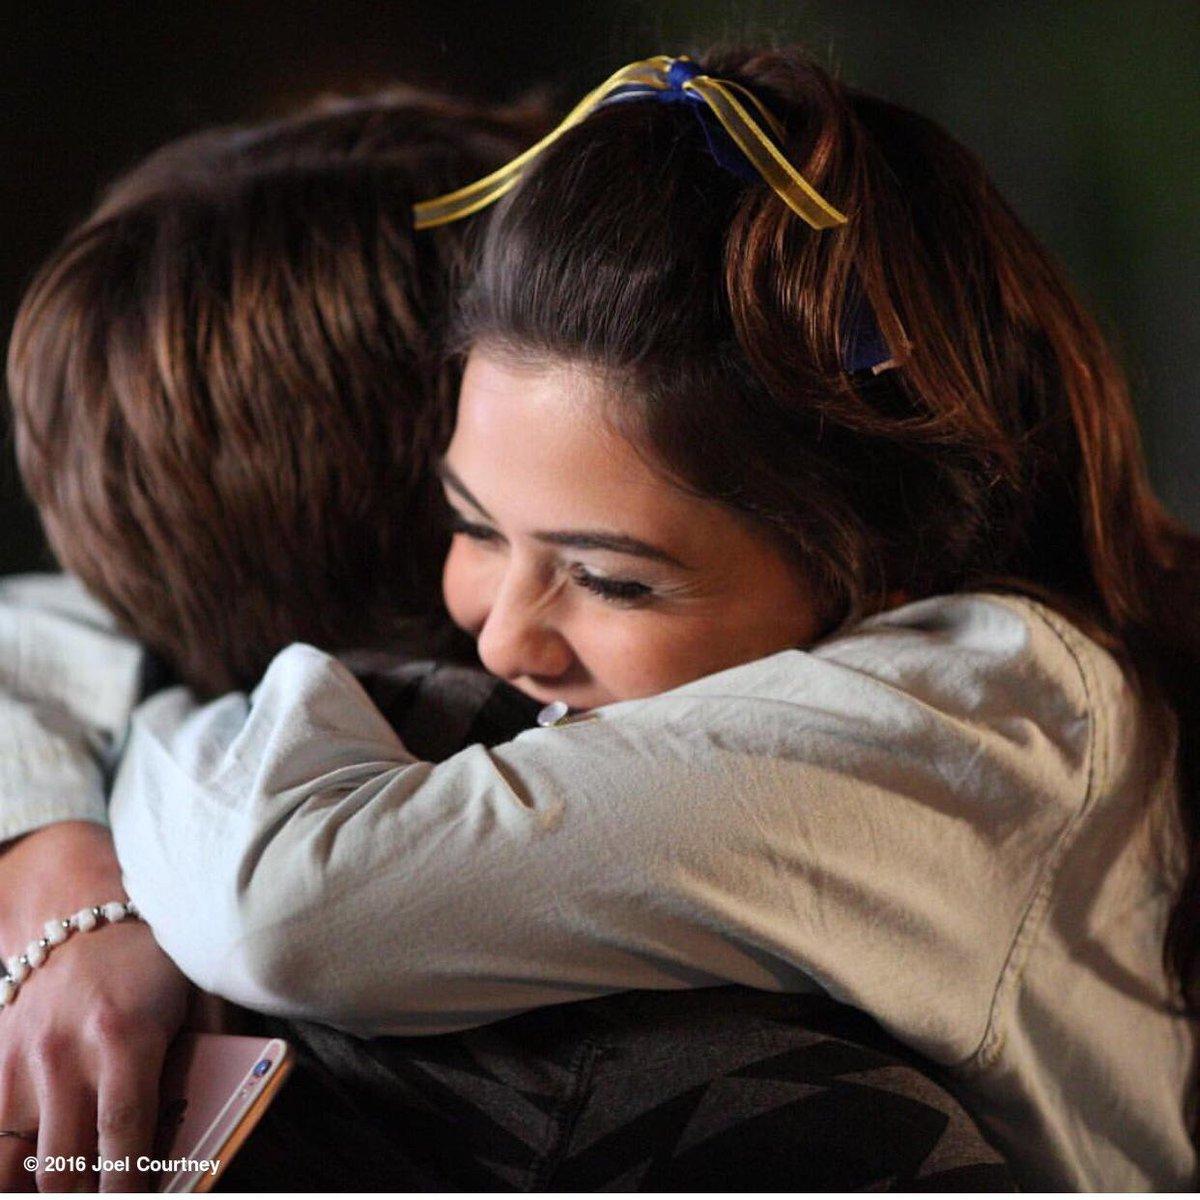 Hugs from Danielle